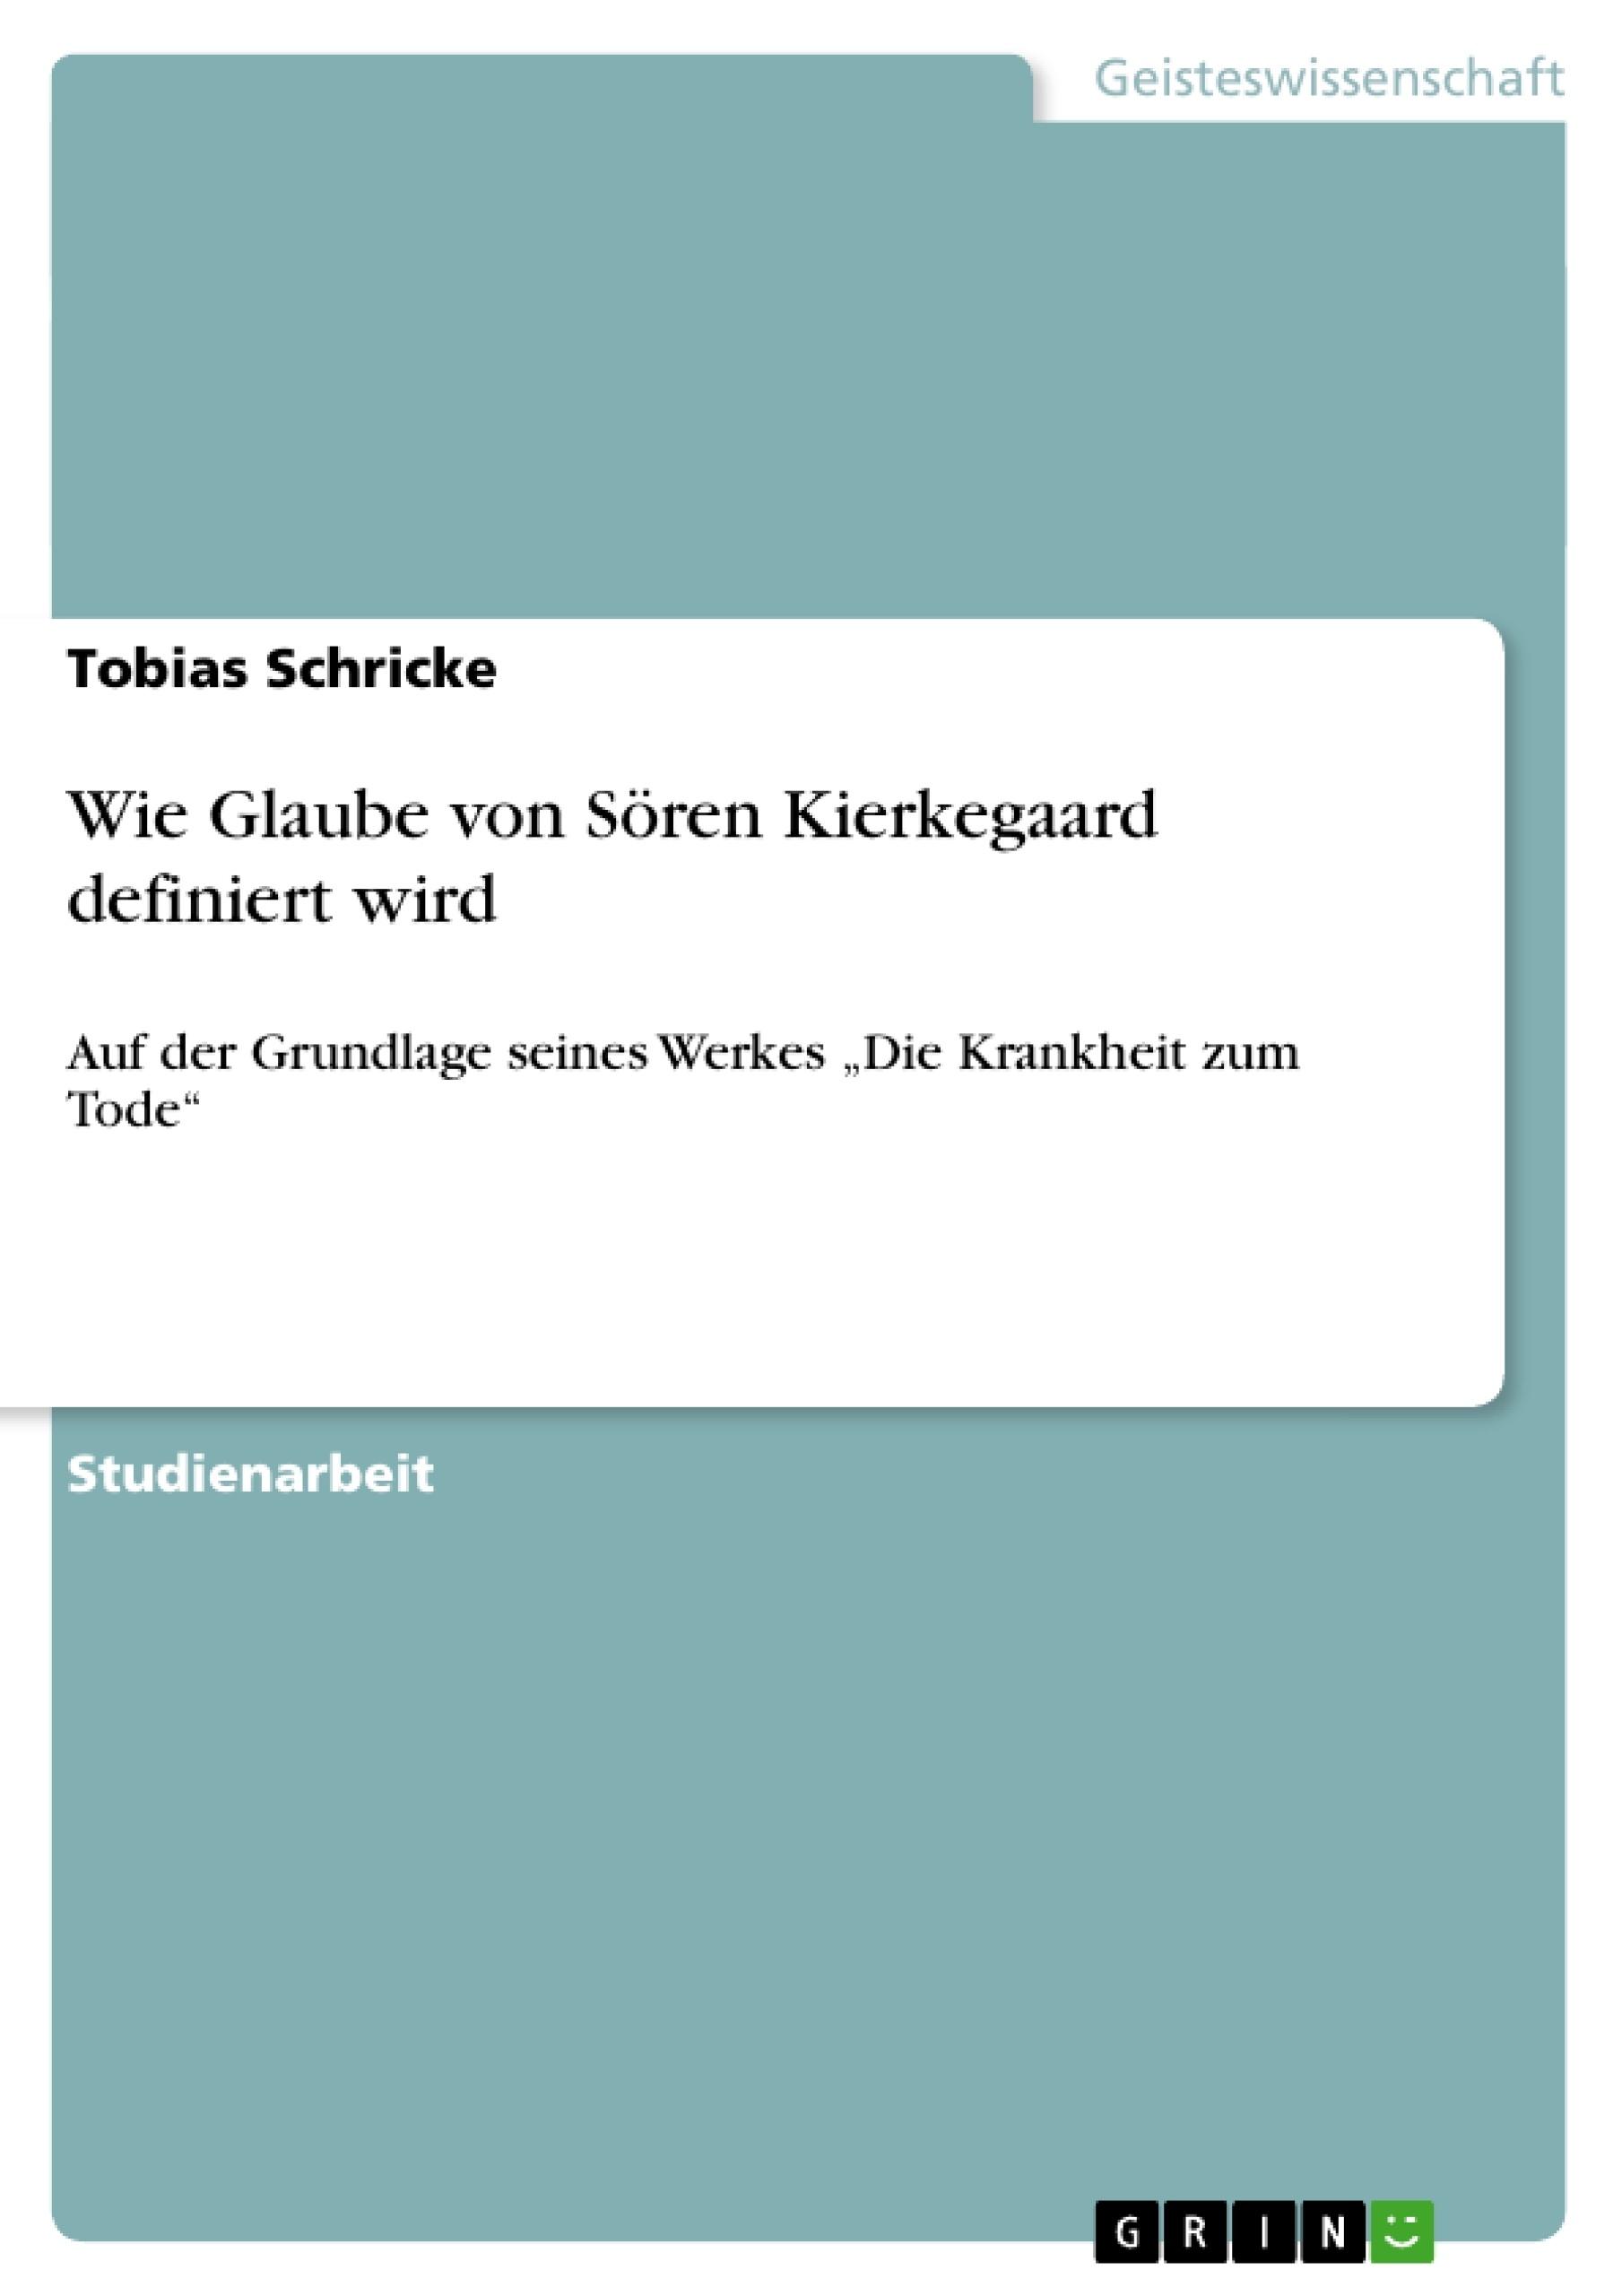 Titel: Wie Glaube von Sören Kierkegaard definiert wird